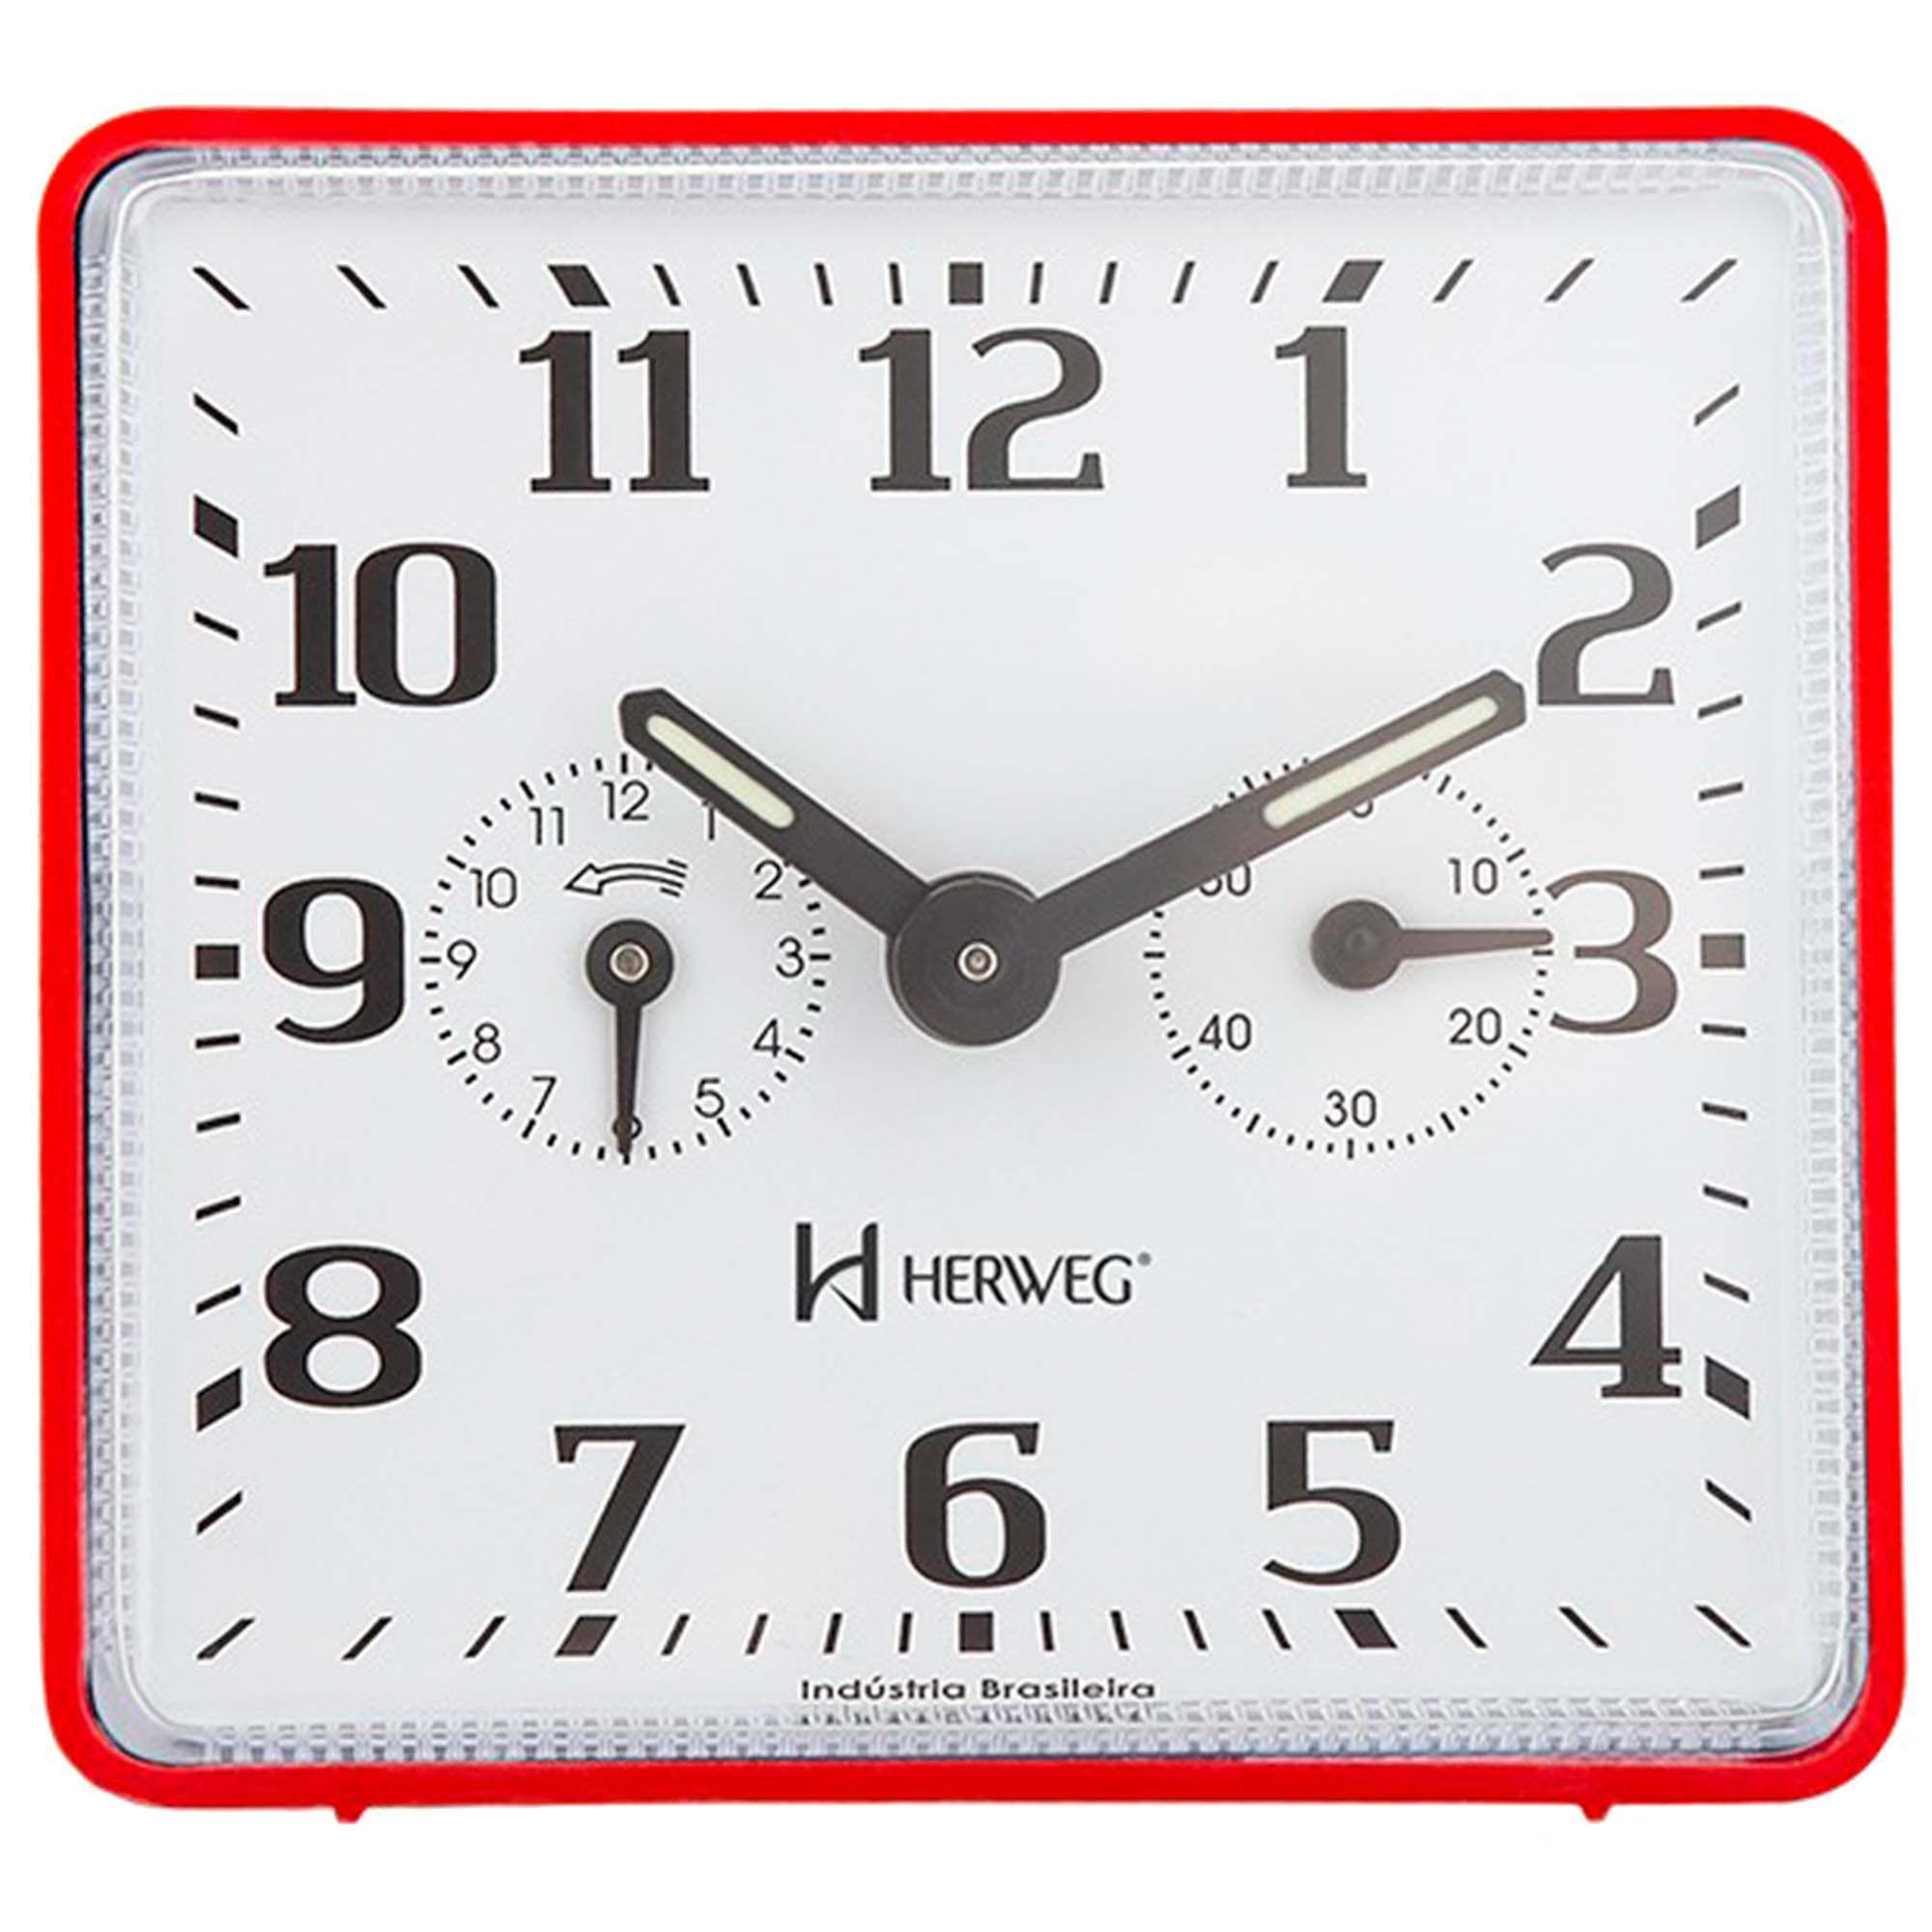 Despertador Analógico Mecânico Herweg 2245 044 Vermelho